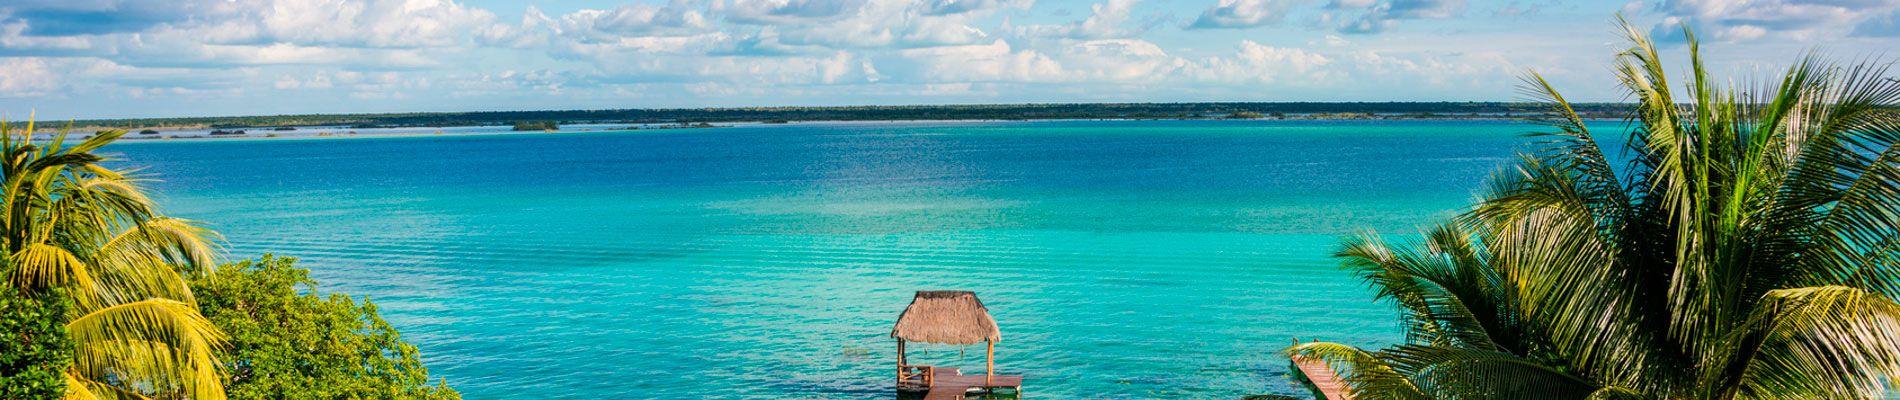 mexique-paysage-lagune